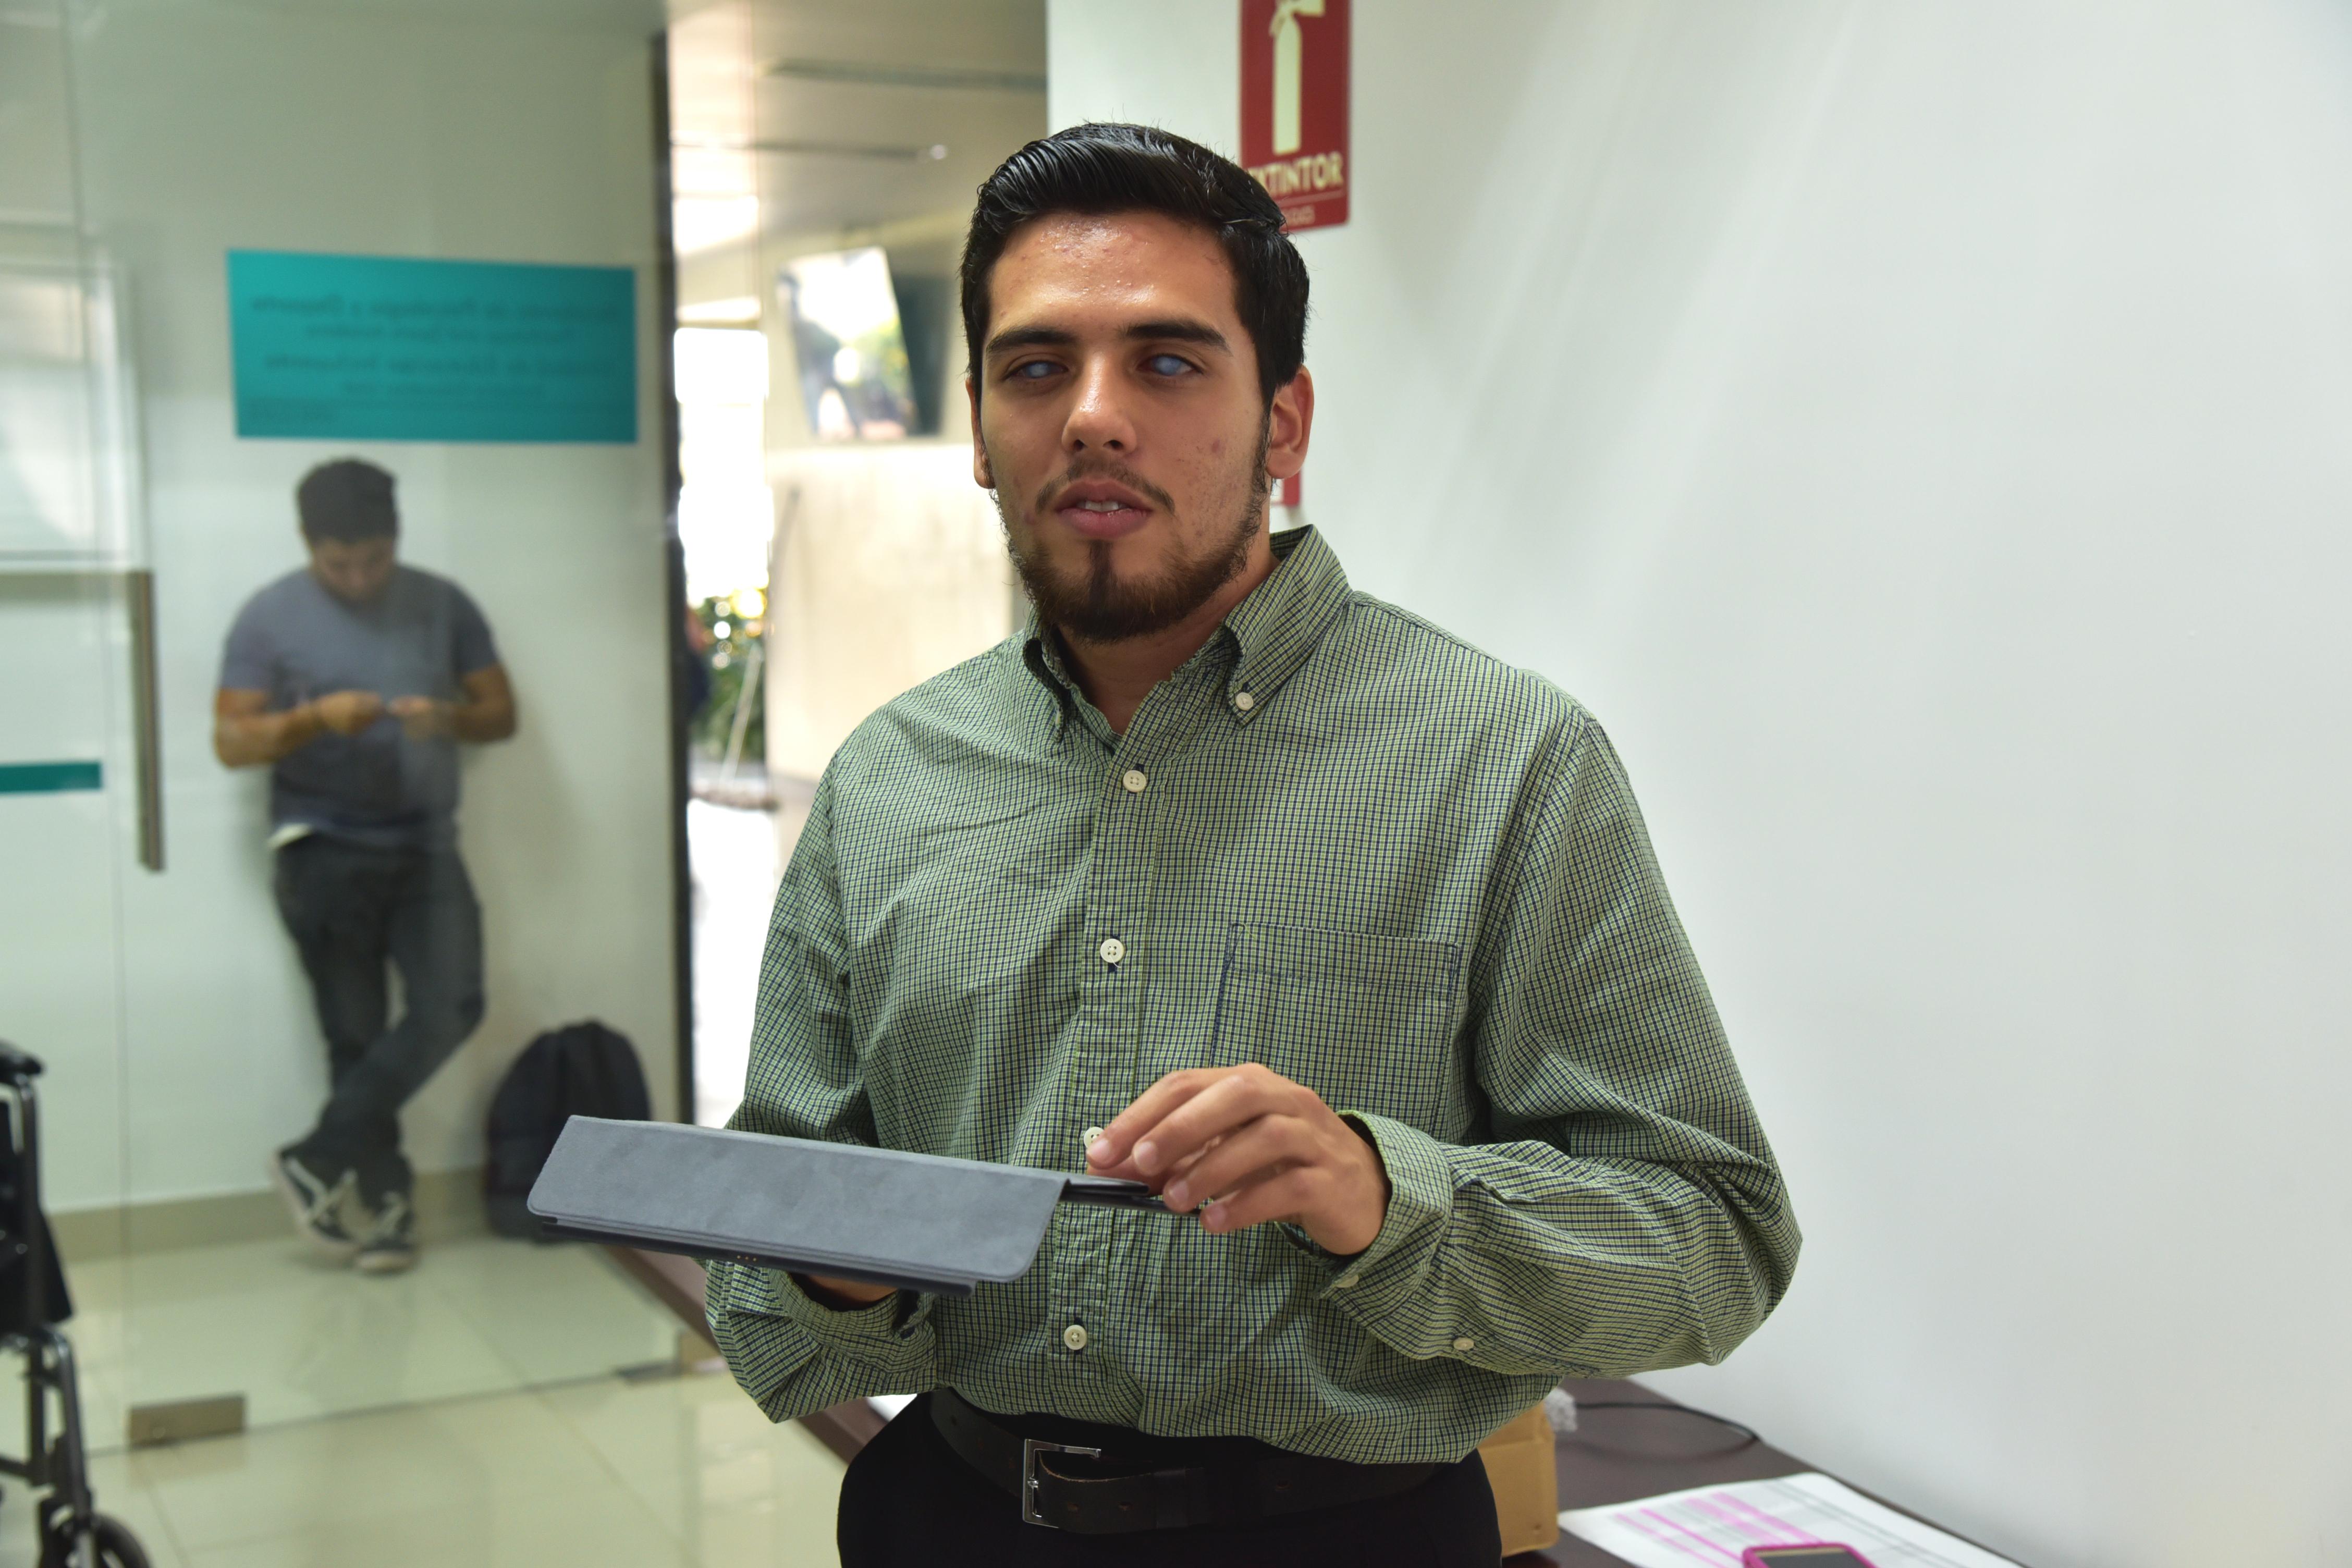 Martín Cortés, sostiene en sus manos el iPad que le otorgaron